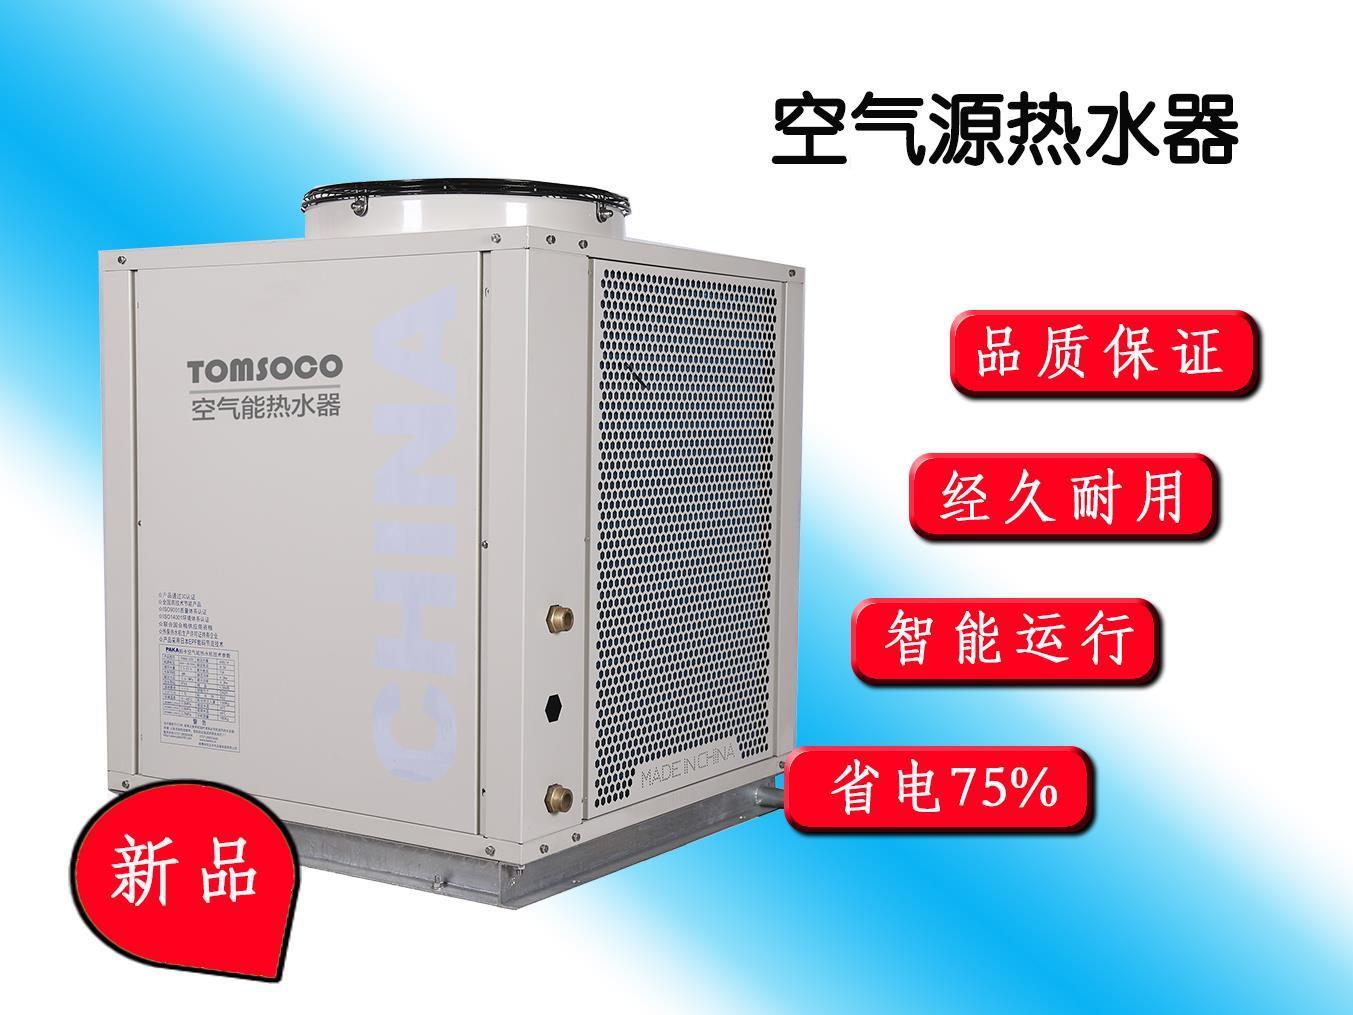 空气源热泵和空气能热泵